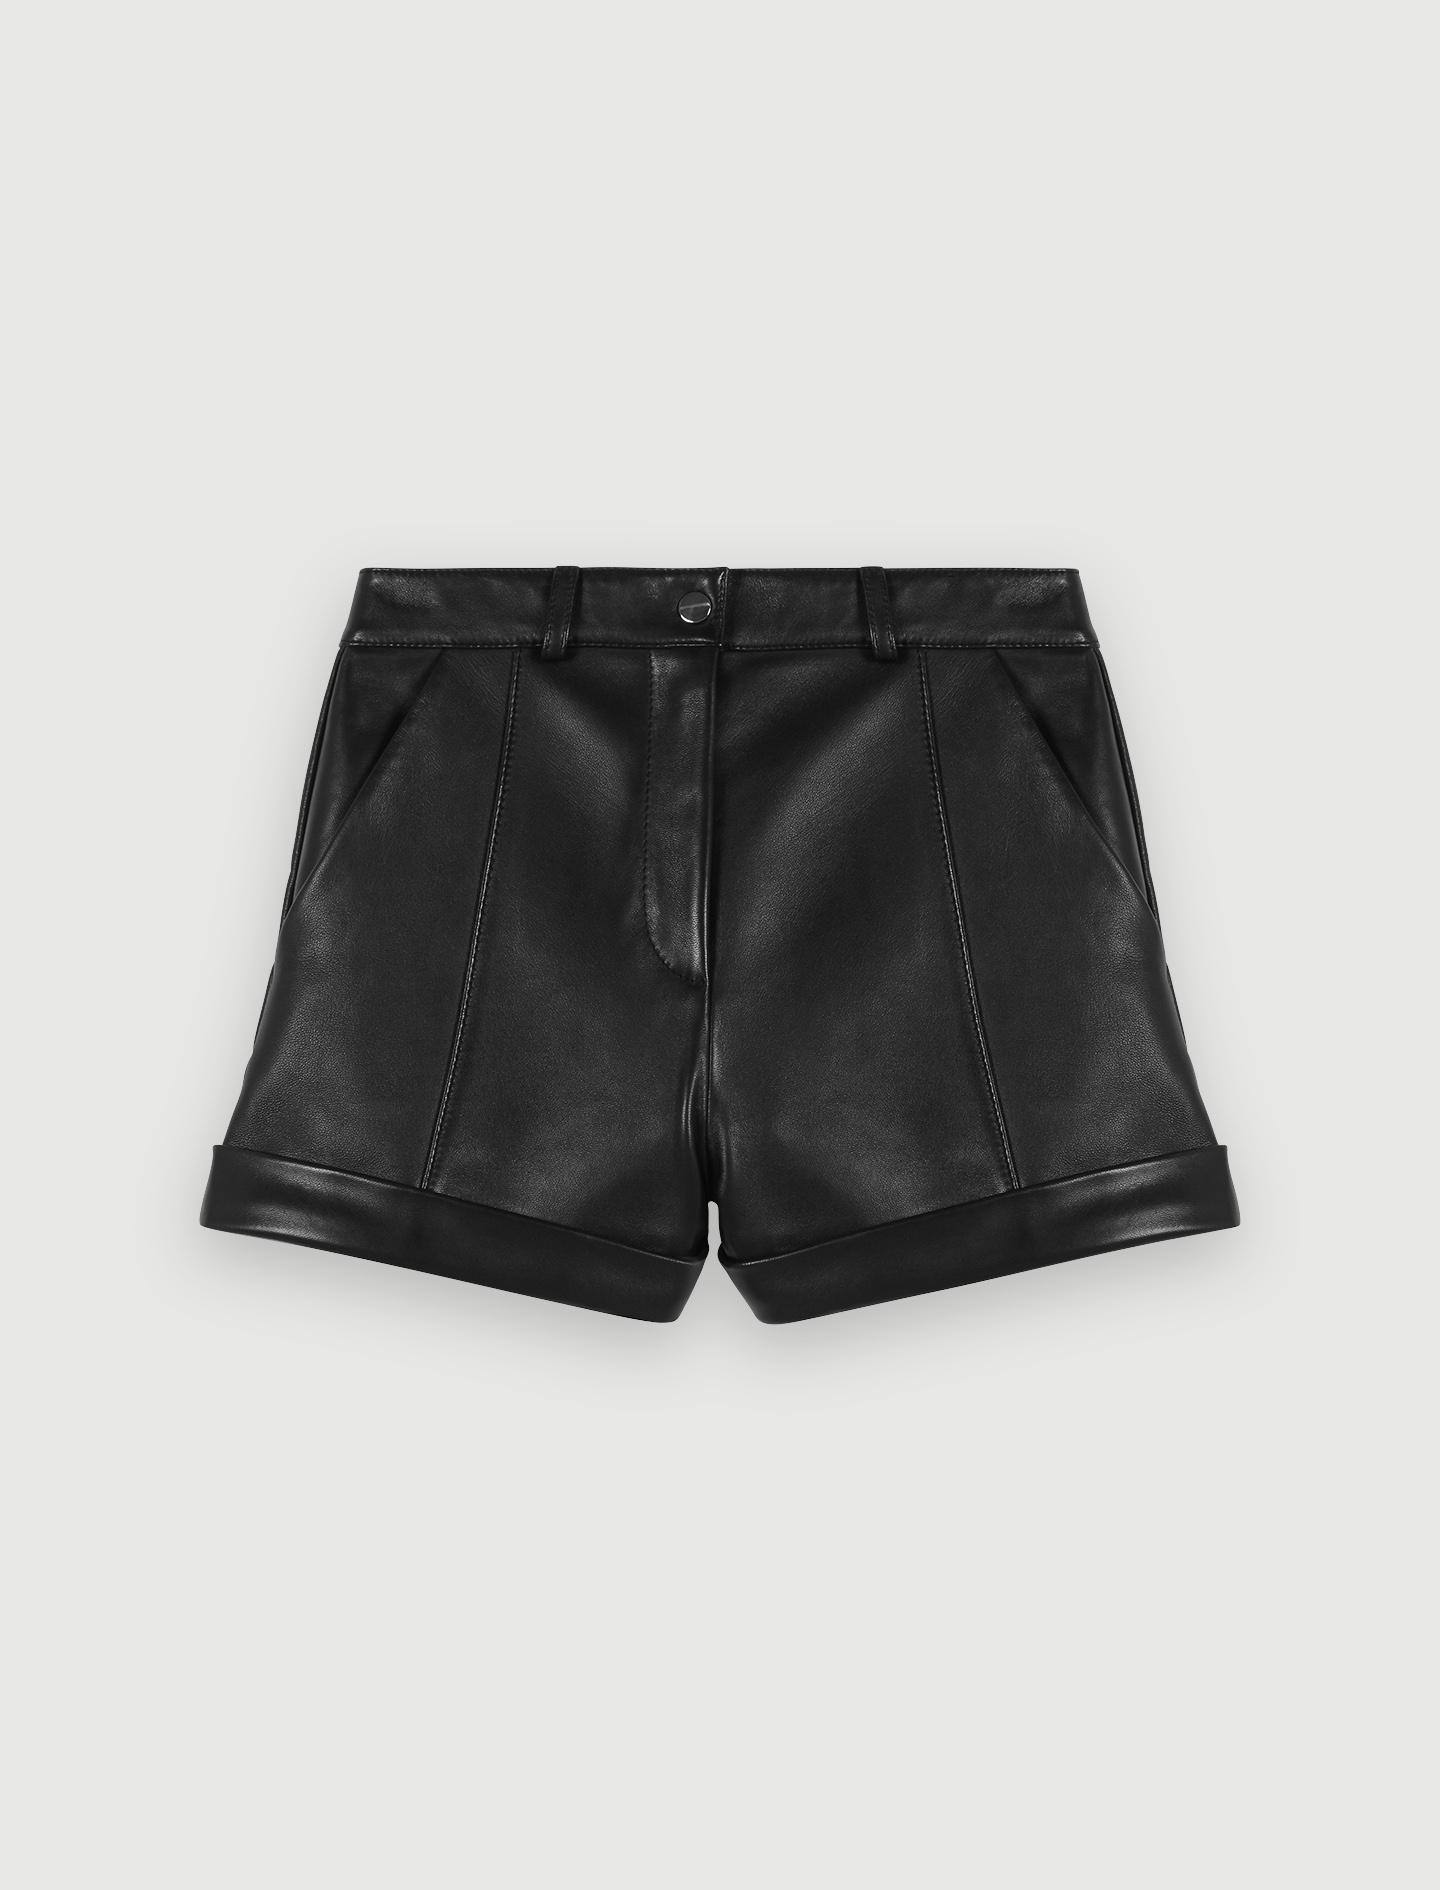 119ILORD Short en cuir avec revers et surpiqûres Jupes